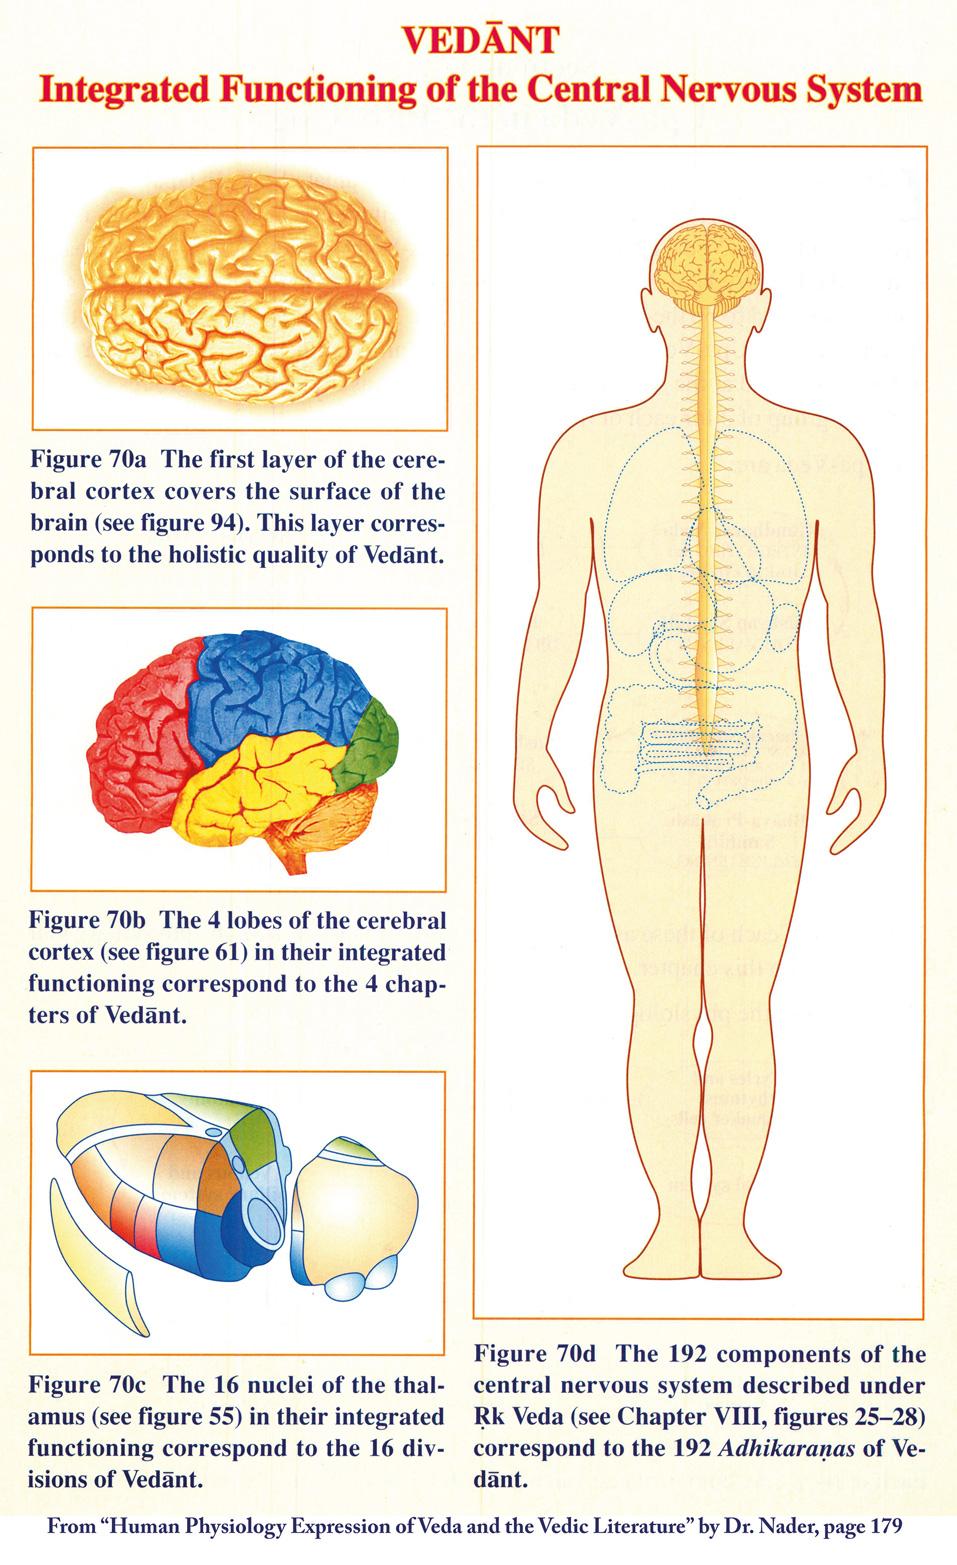 Die Funktionen des zentralen Nervensystems